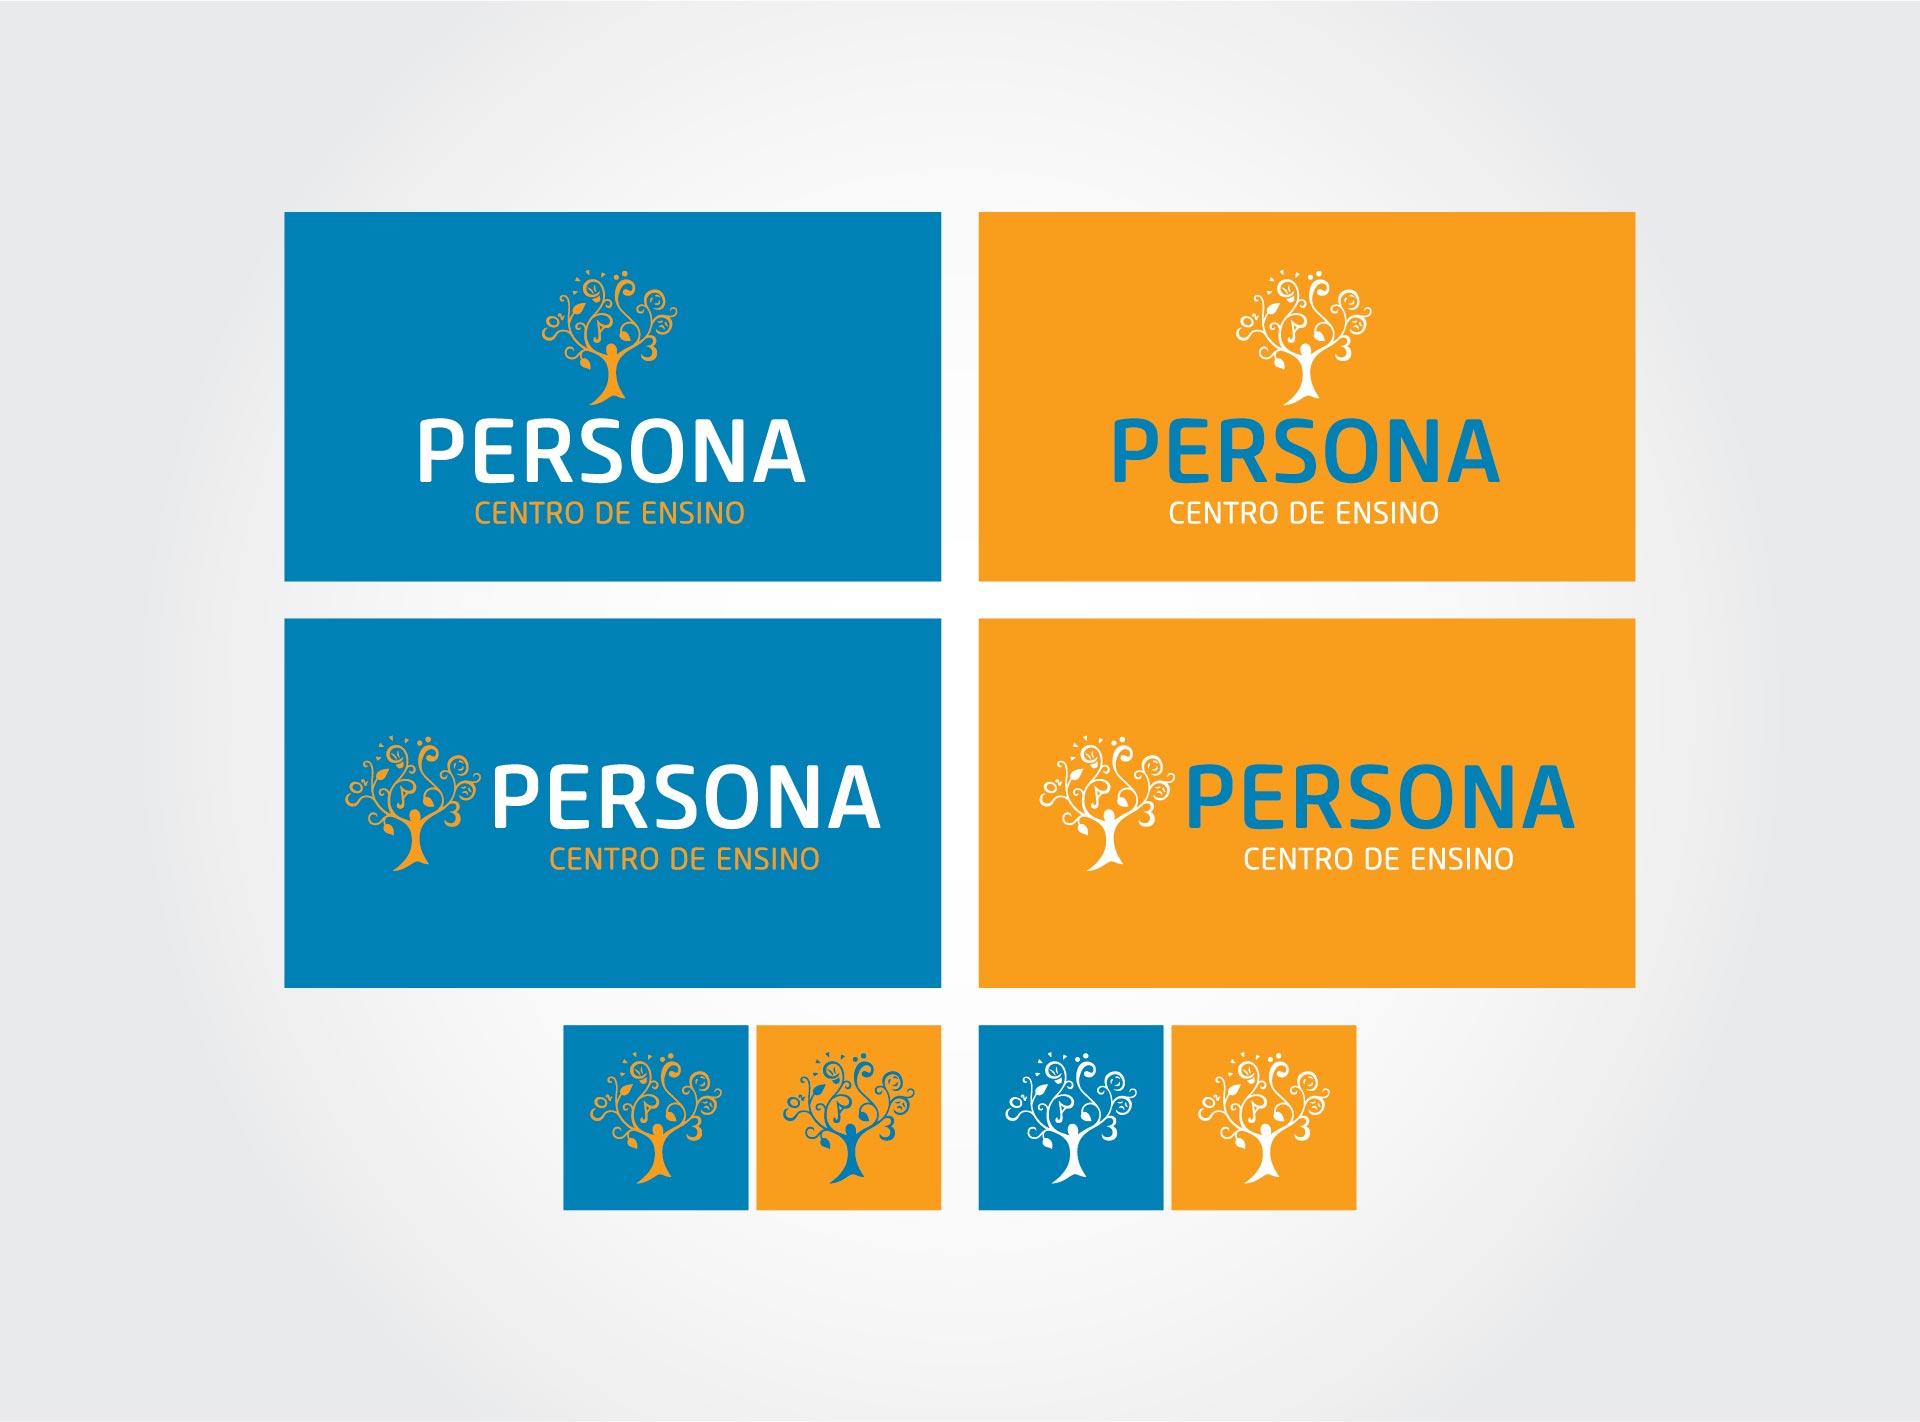 persona-05